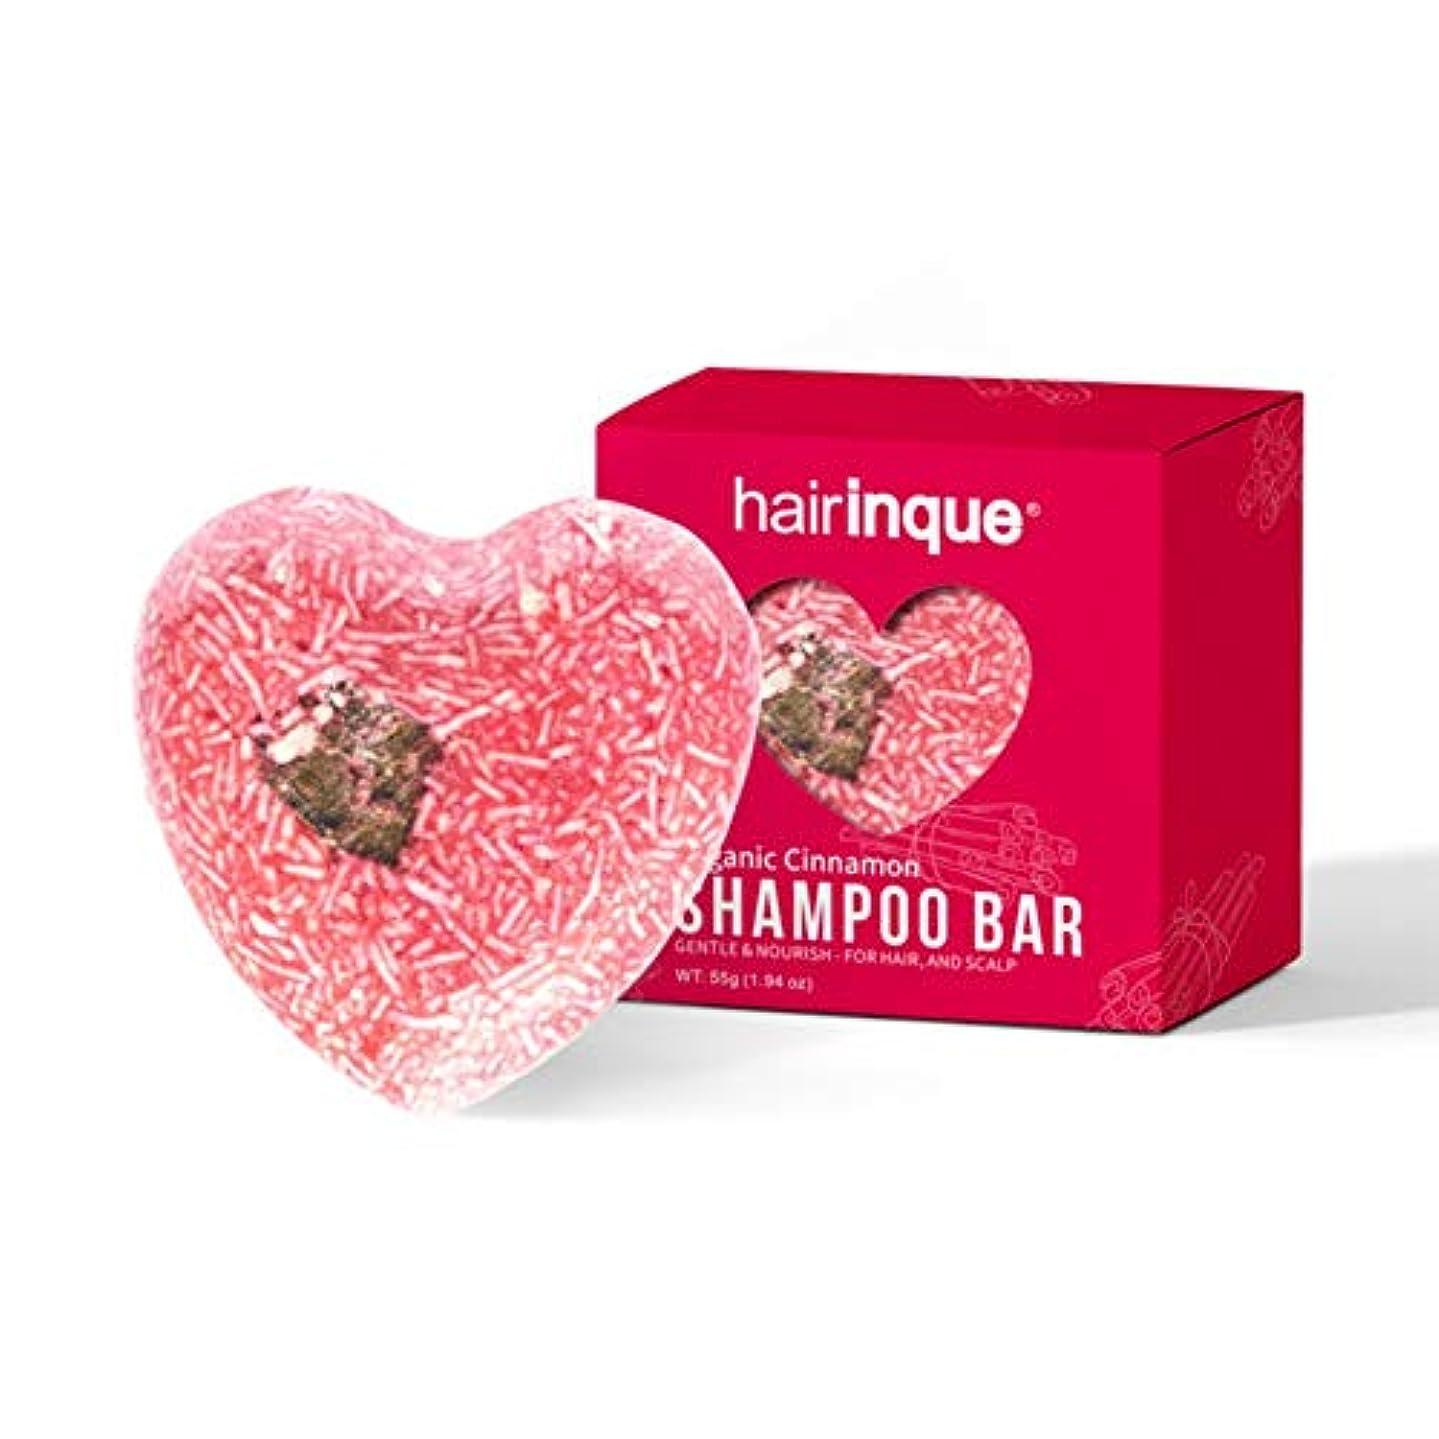 減少未満尊敬シャンプー シャンプー石鹸 栄養 脱毛 シャンプーソープ 天然成分 化学薬品防腐剤なし シャンプーソープ ヘアケア Cutelove